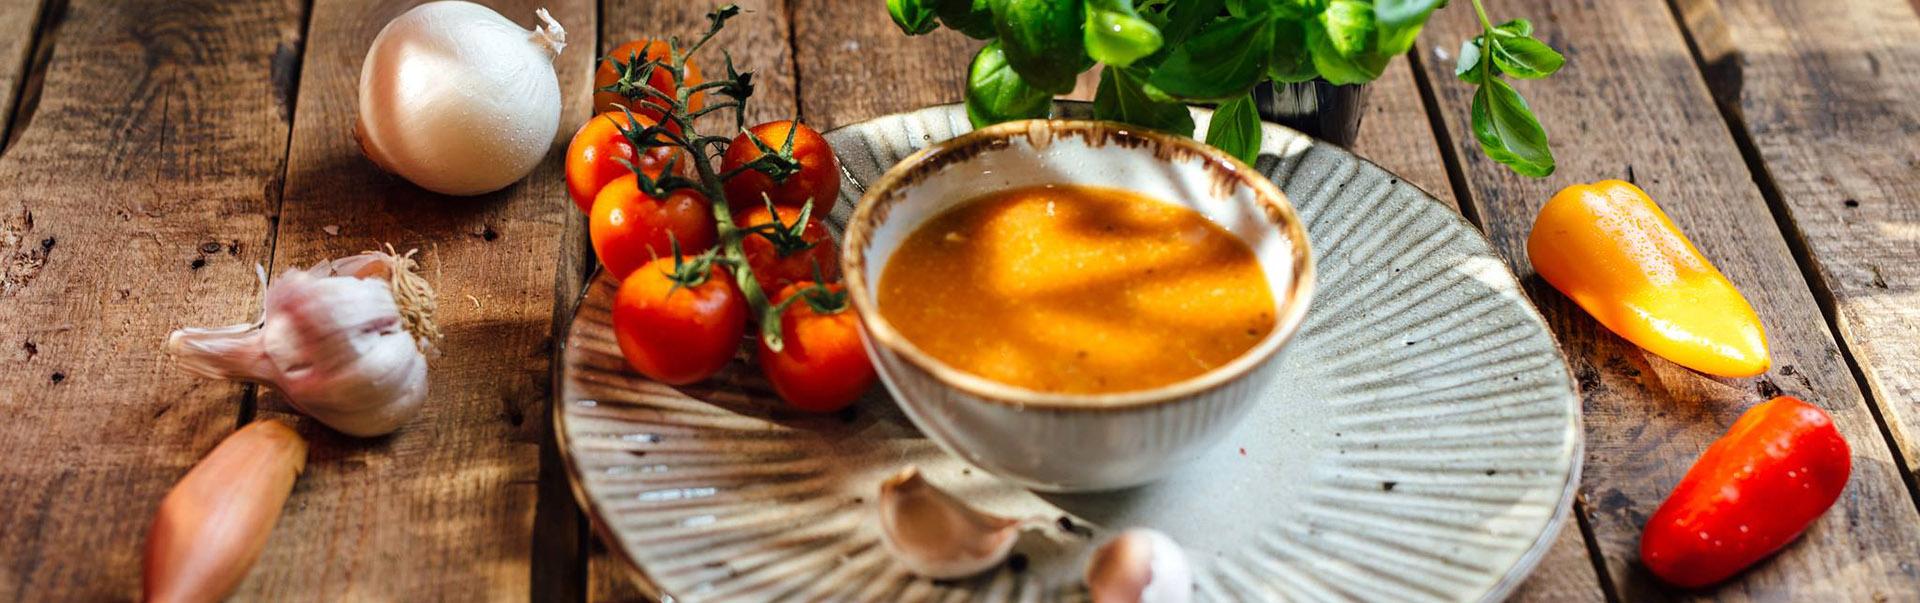 Dieta zupowa - 9 powodów, dla których warto jeść zupy